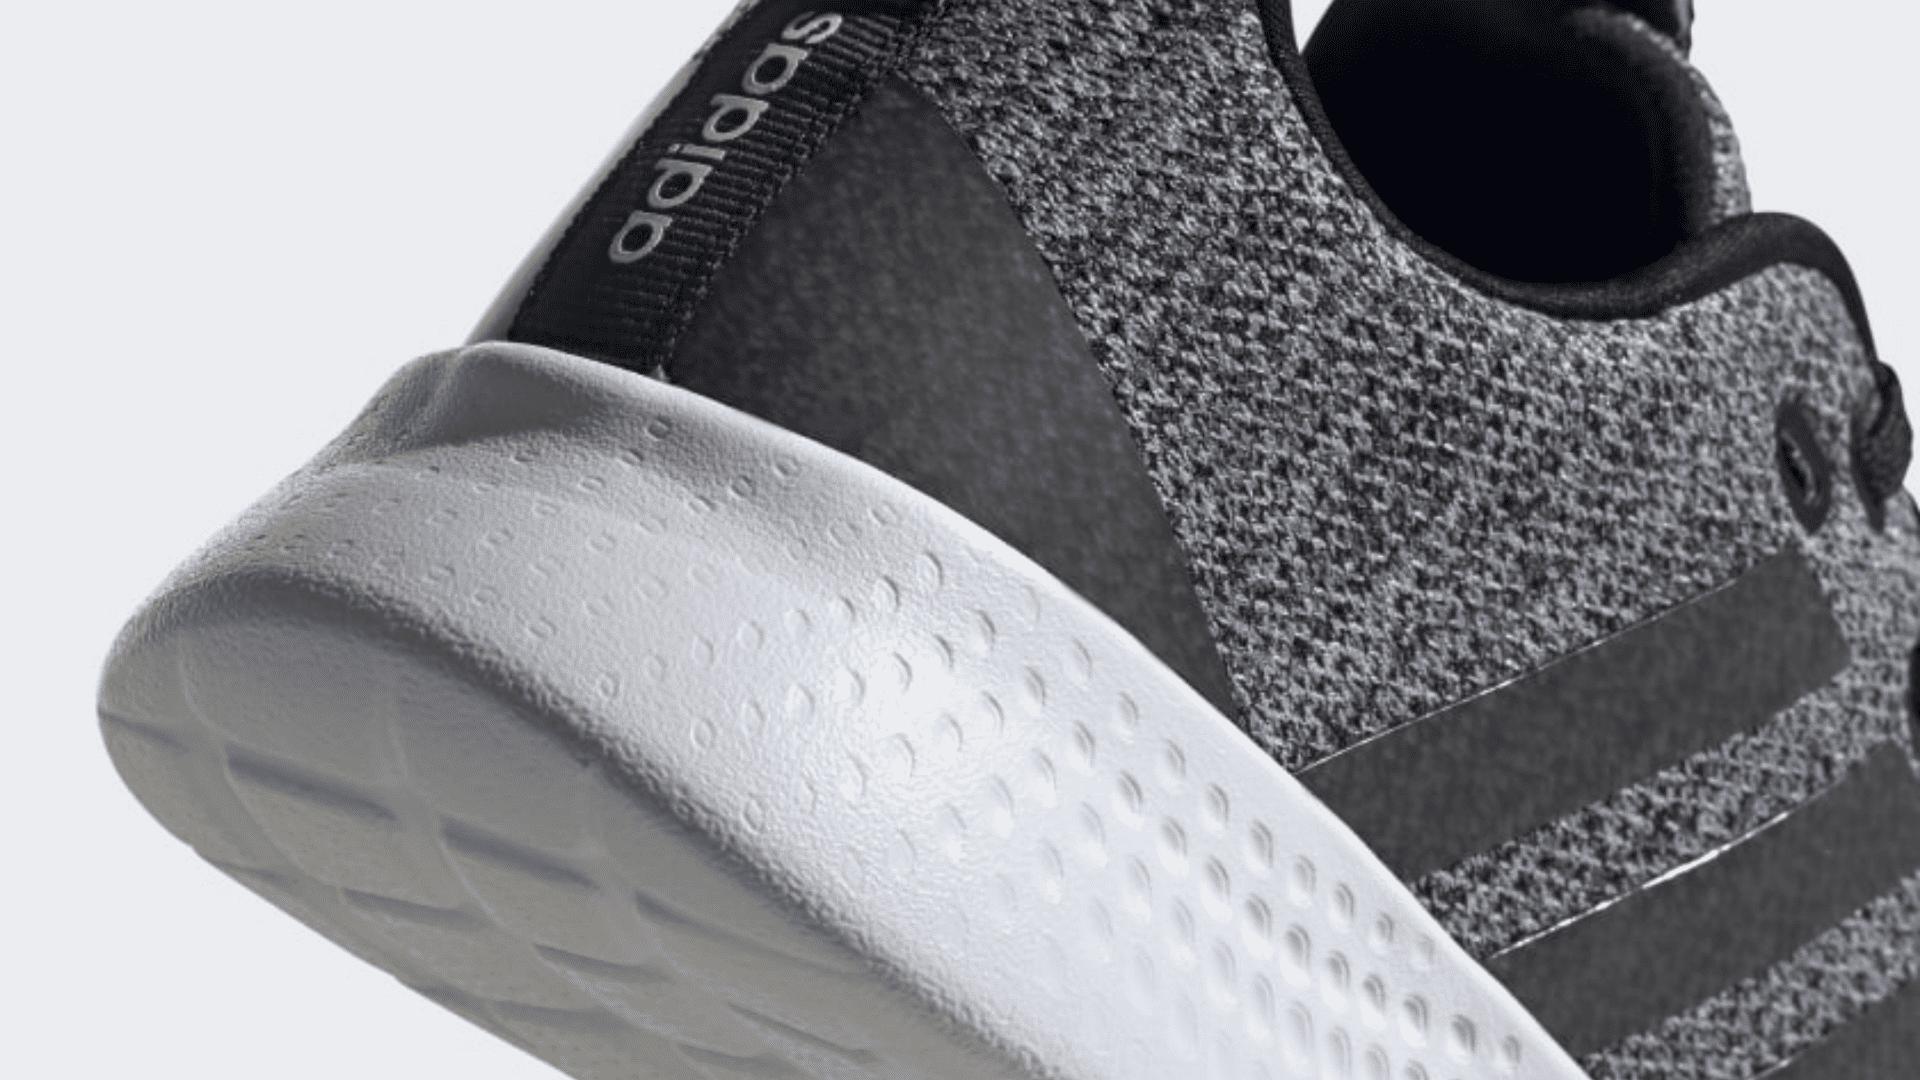 Adidas Puremotion conta com entressola com amortecimento em Cloudfoam (Imagem: Divulgação/Adidas)